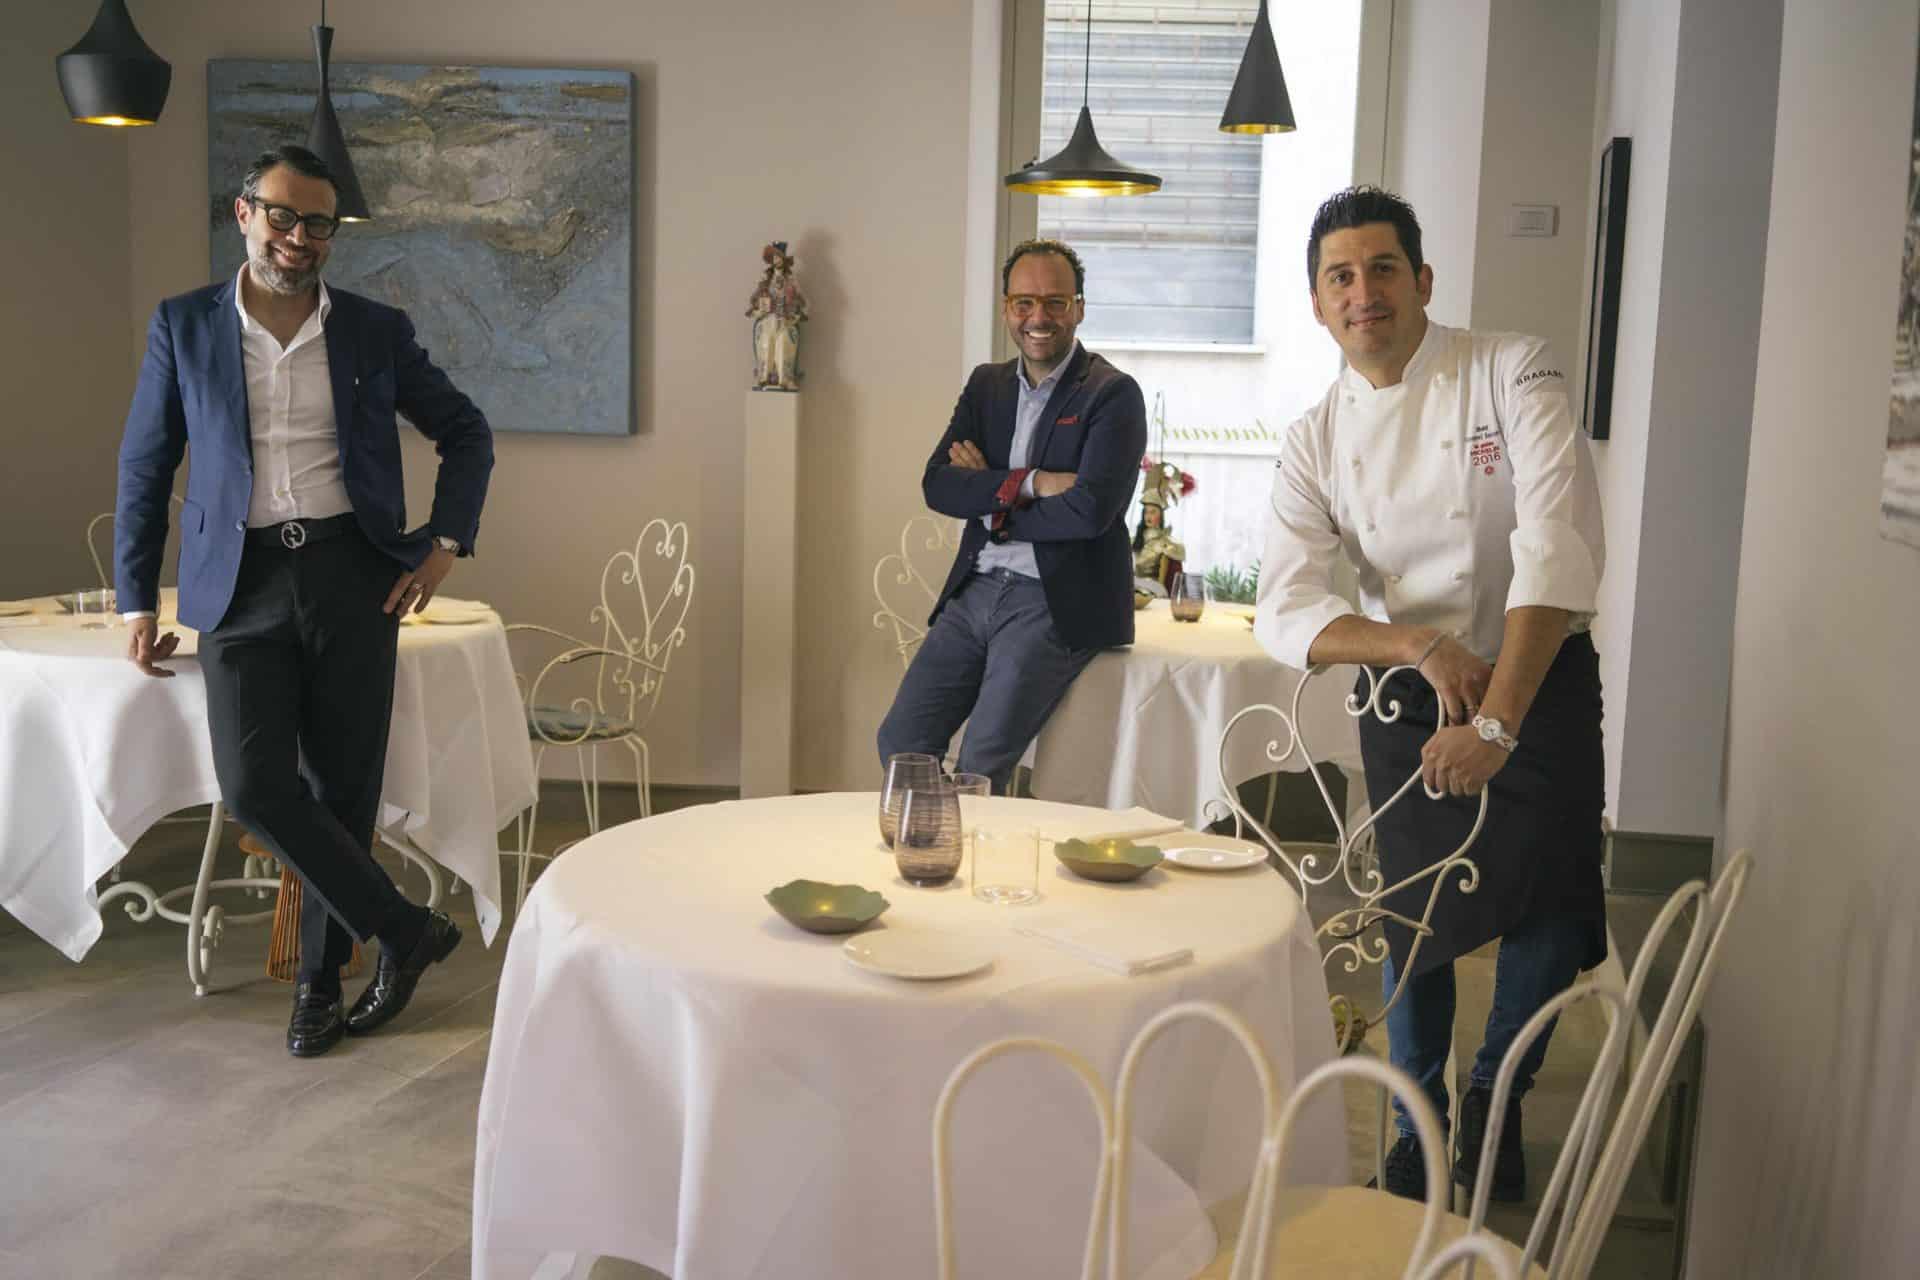 leonardo pennisi - luciano pennisi - chef giovanni santoro